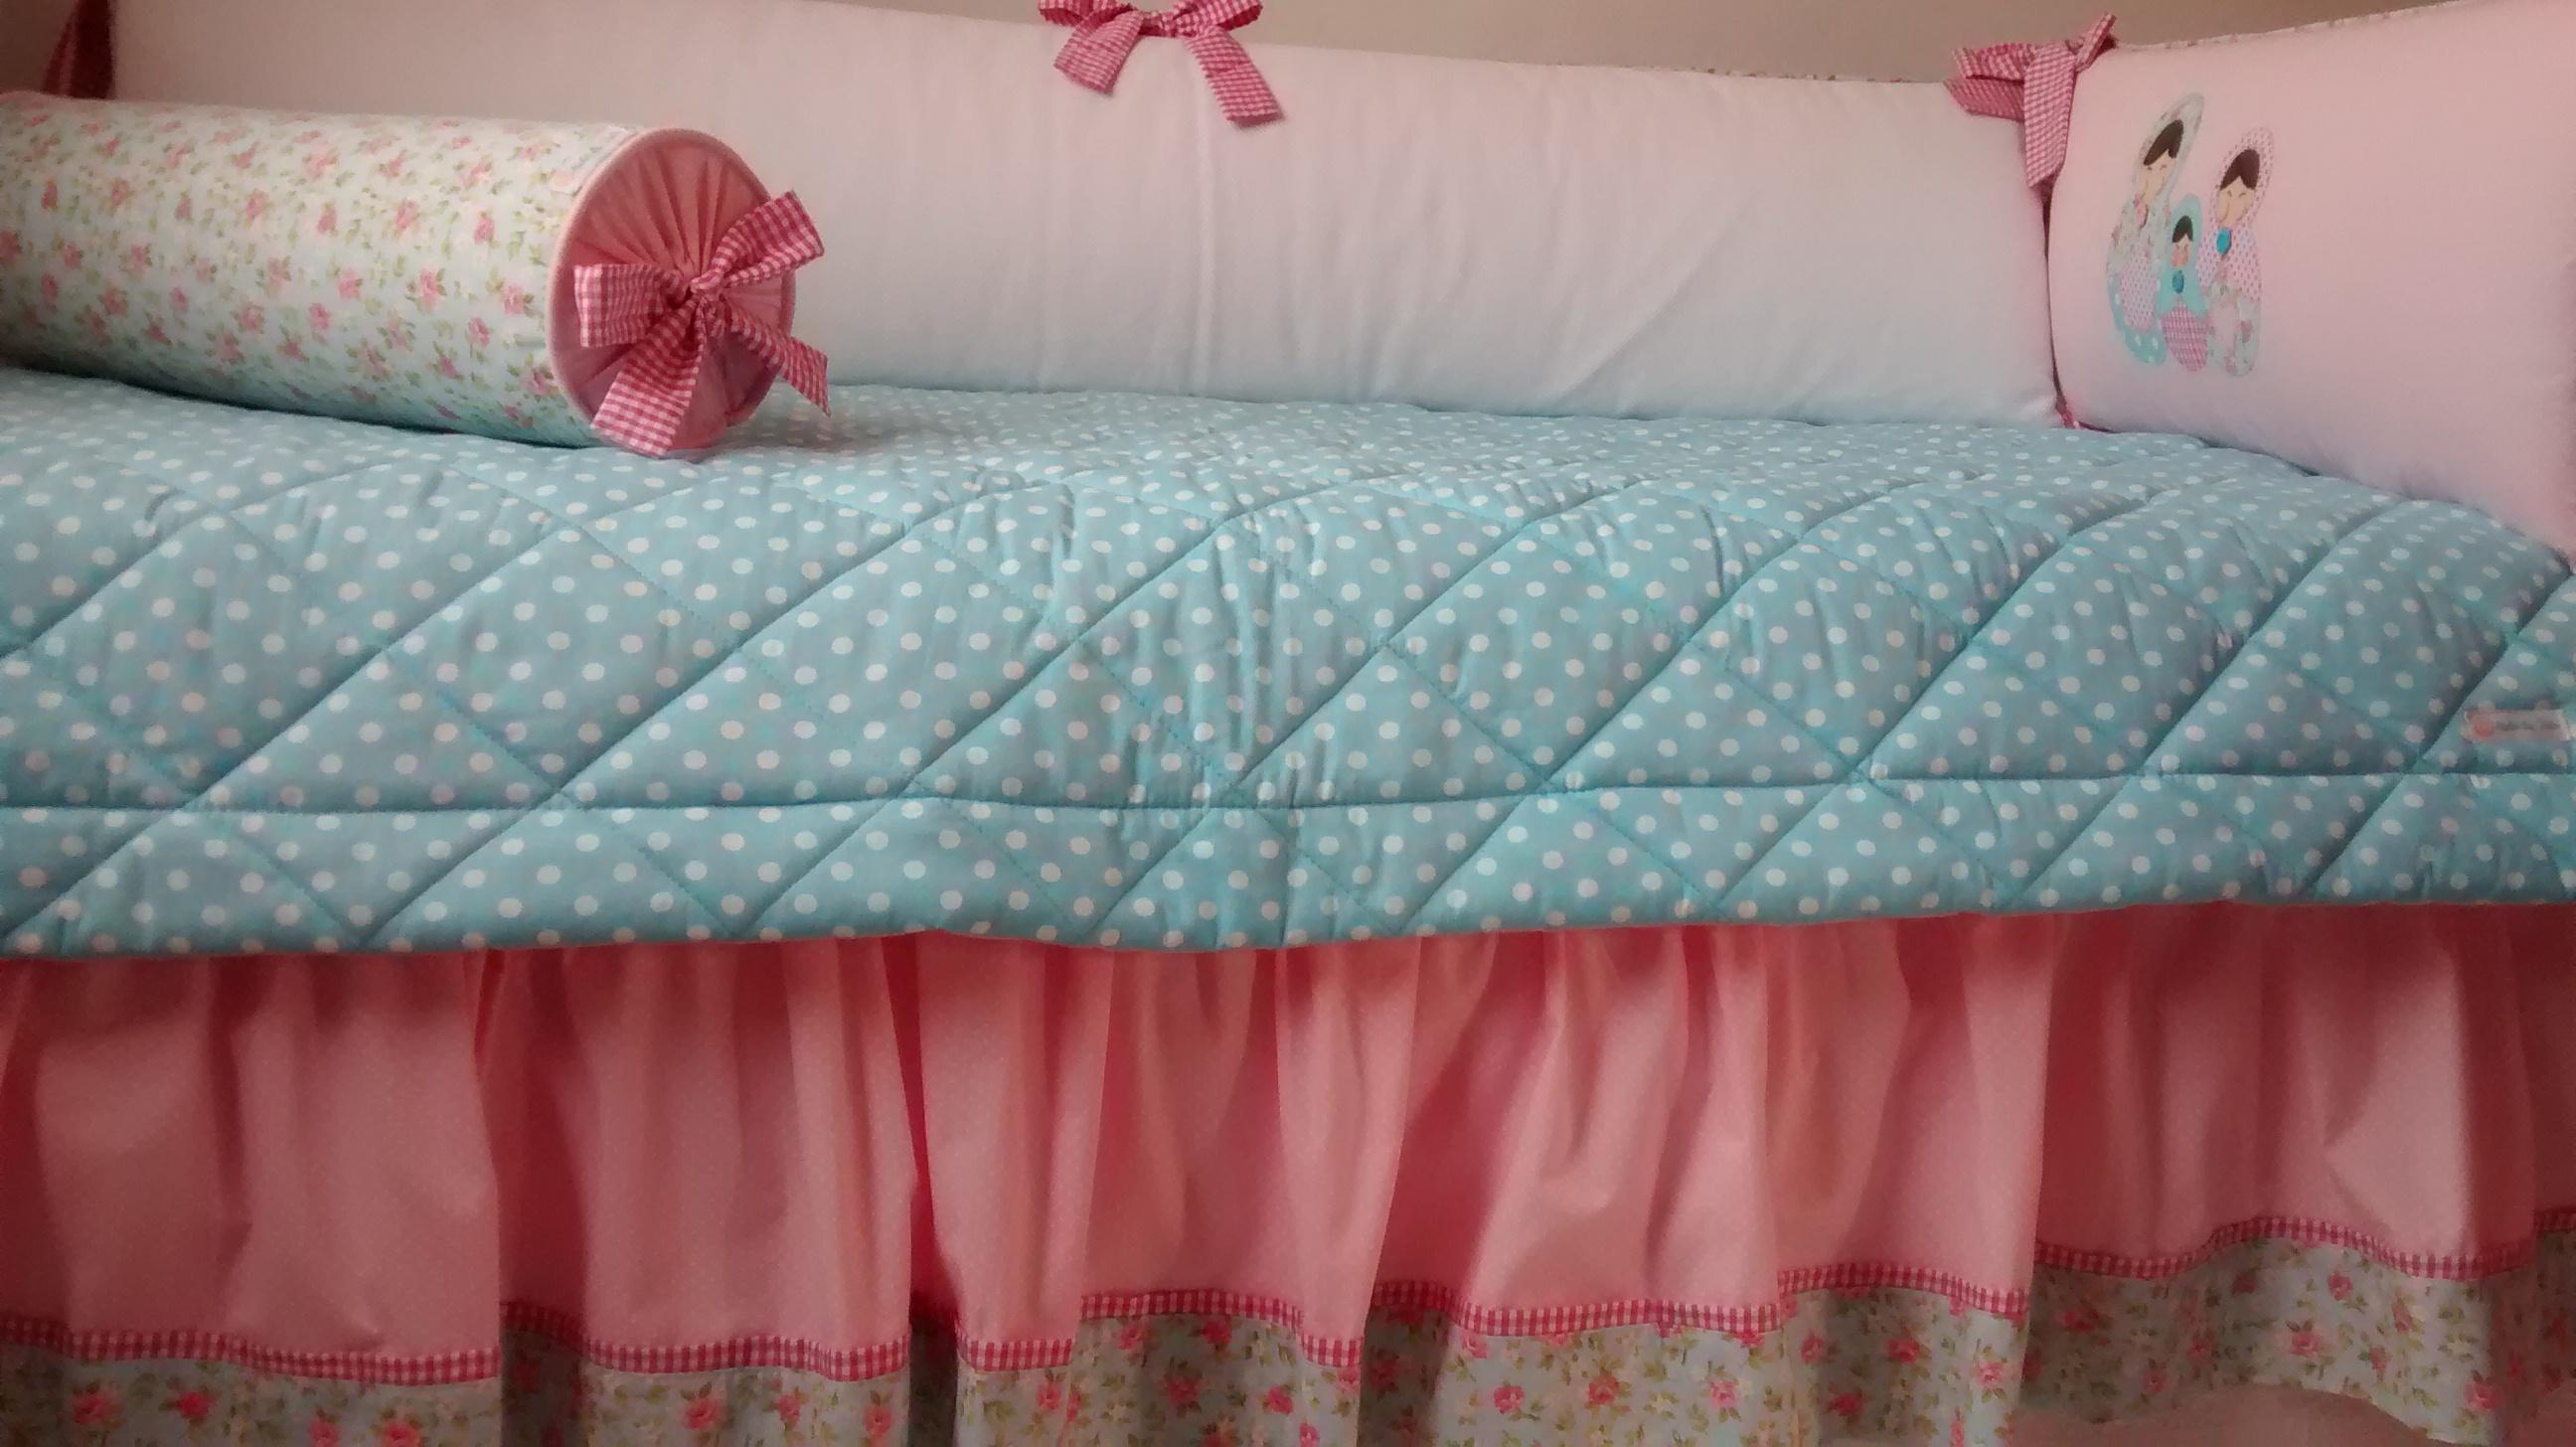 Populares Kit berço Matrioskas floral rosa e azul no Elo7 | Ateliê da Tuta  DC79